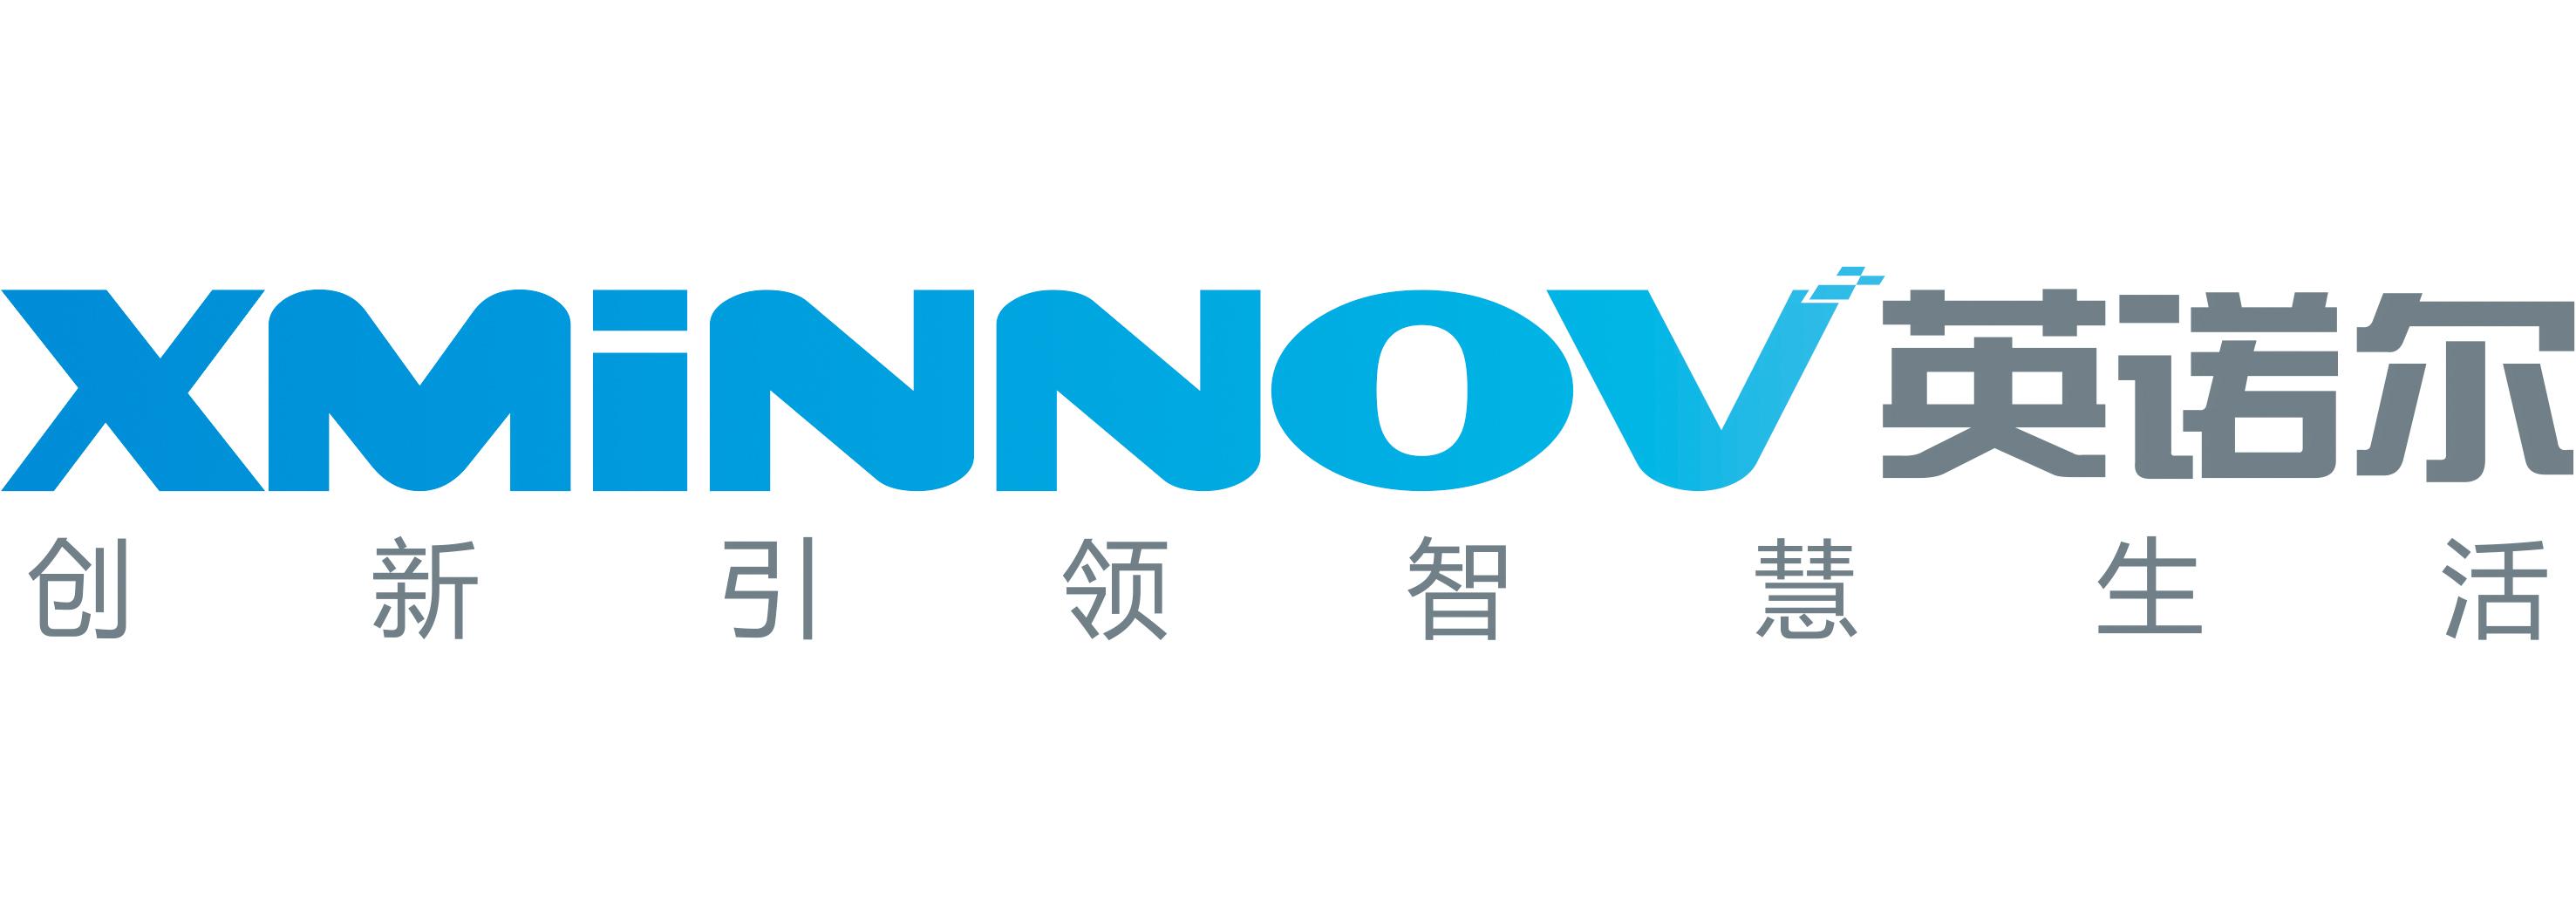 厦门英诺尔信息科技有限公司-深圳物联网展会